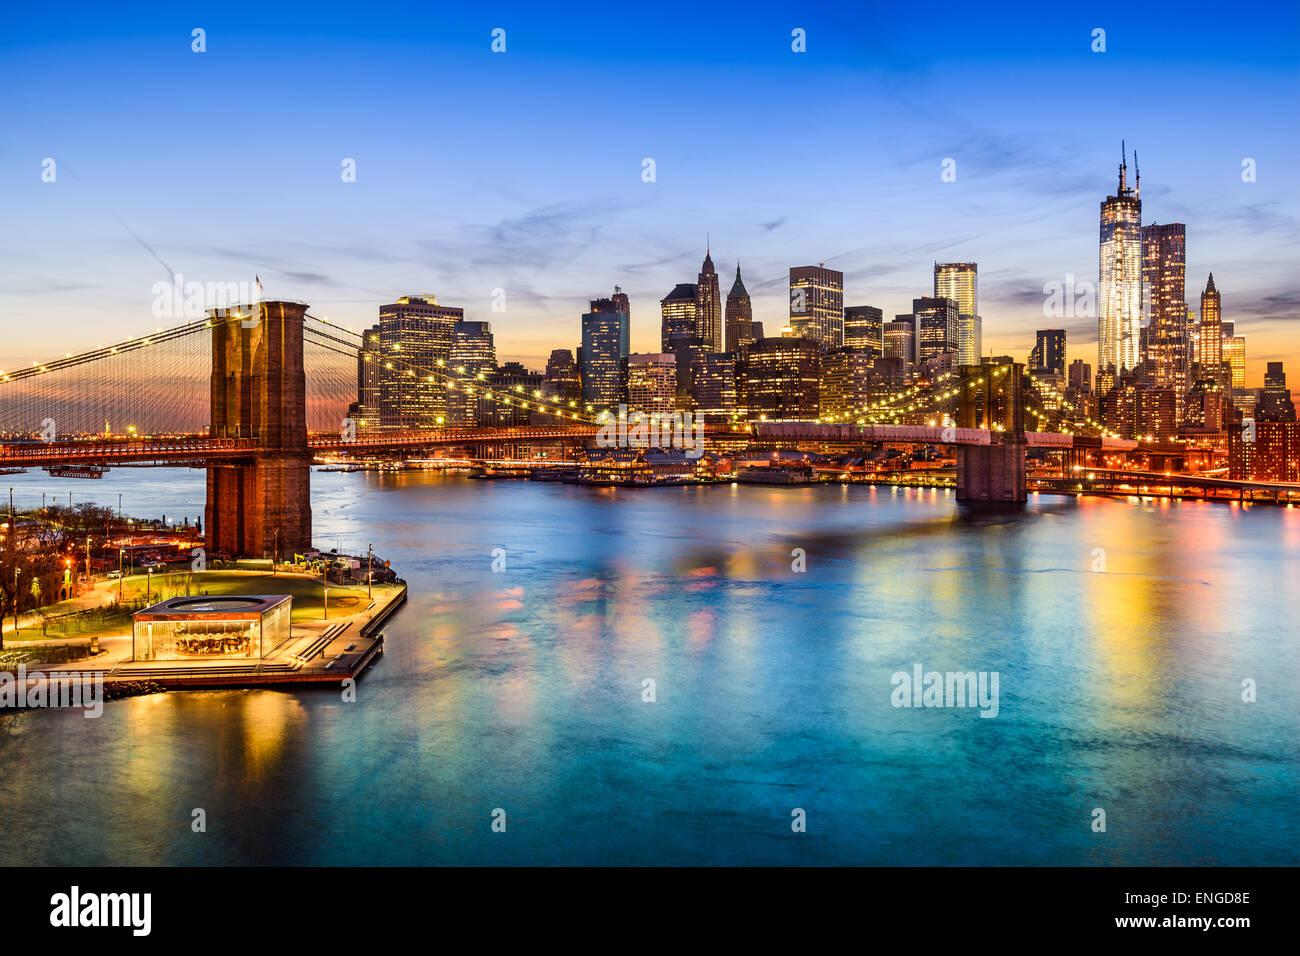 La città di New York, Stati Uniti d'America skyline su East River e il Ponte di Brooklyn. Immagini Stock